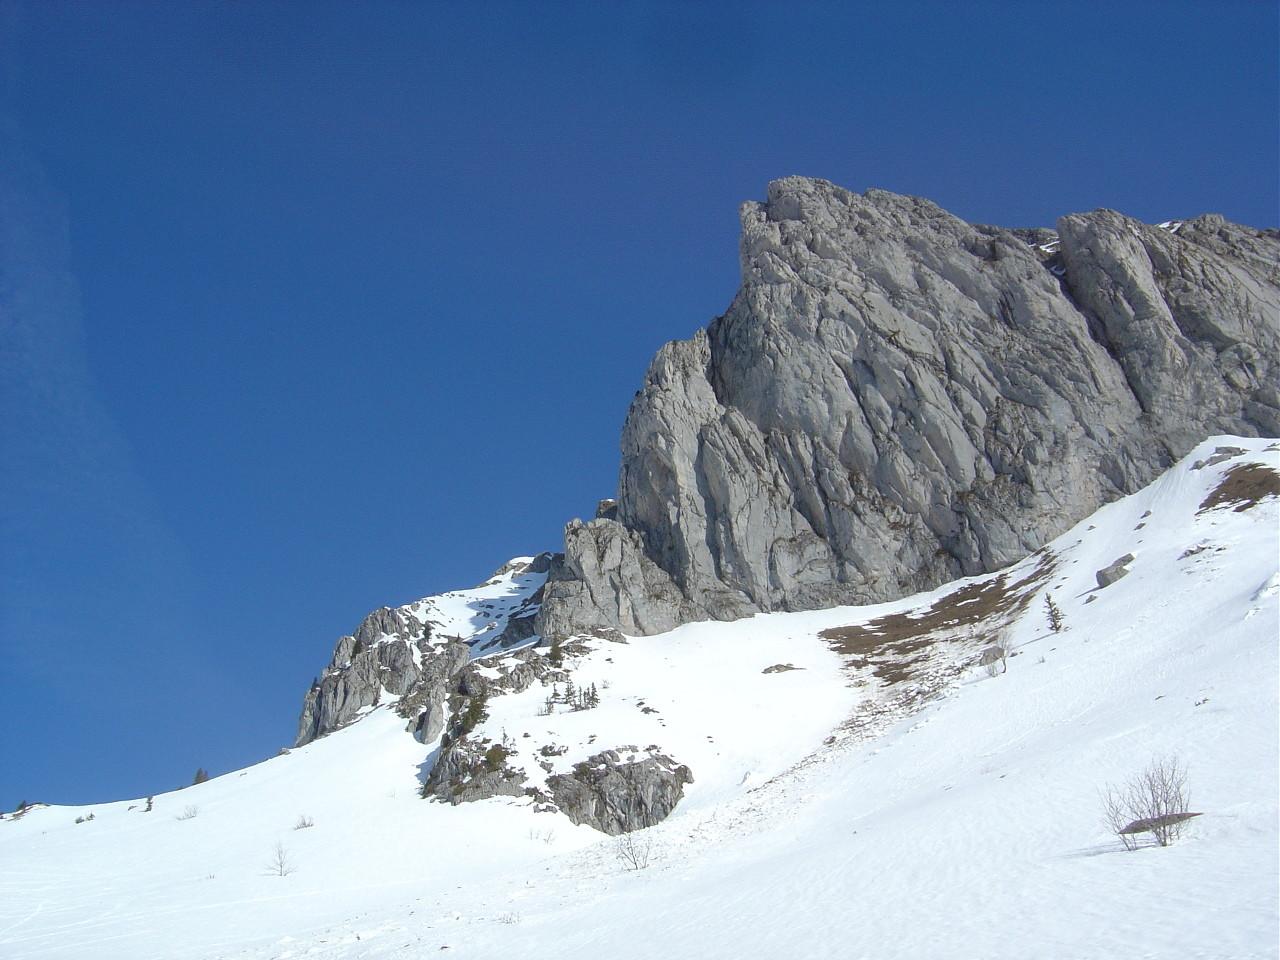 De beaux souvenirs de grimpe sur ce calcaire gris